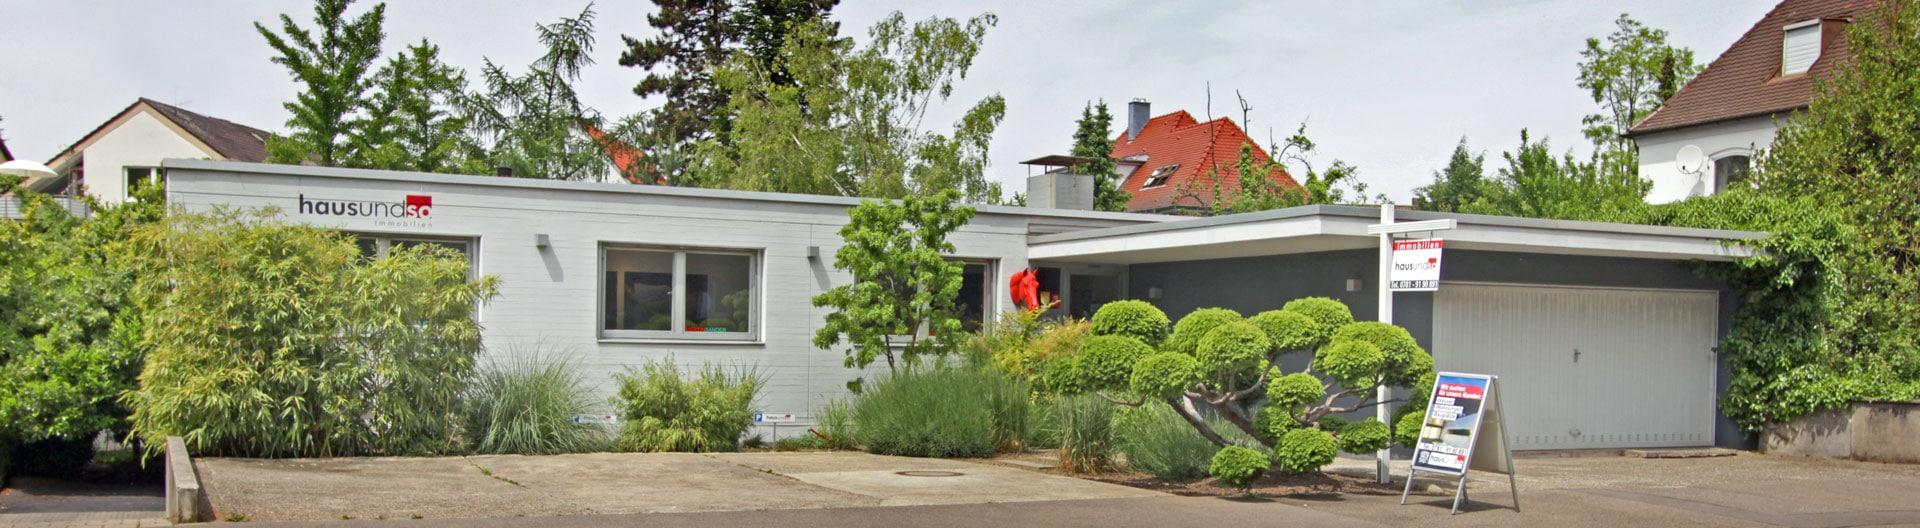 hausundso immobilien b ro hausundso immobilien. Black Bedroom Furniture Sets. Home Design Ideas